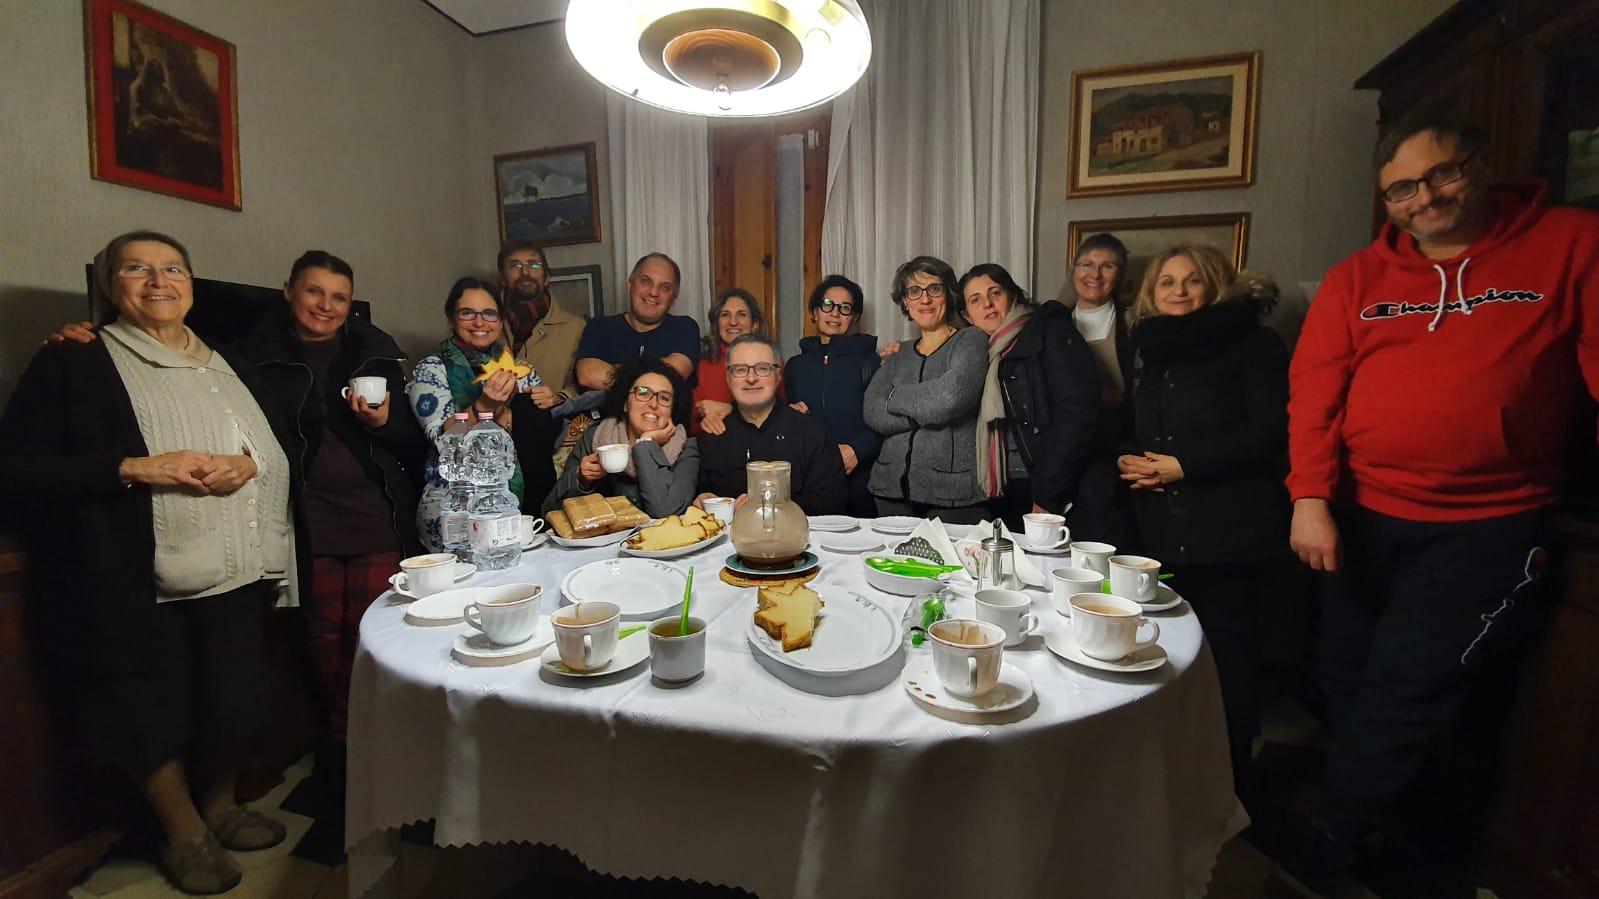 Incontro del GGF di gennaio 2020 presso la Comunità delle Suore Carmelitane Missionarie Teresiane, in Barbaricina-Pisa